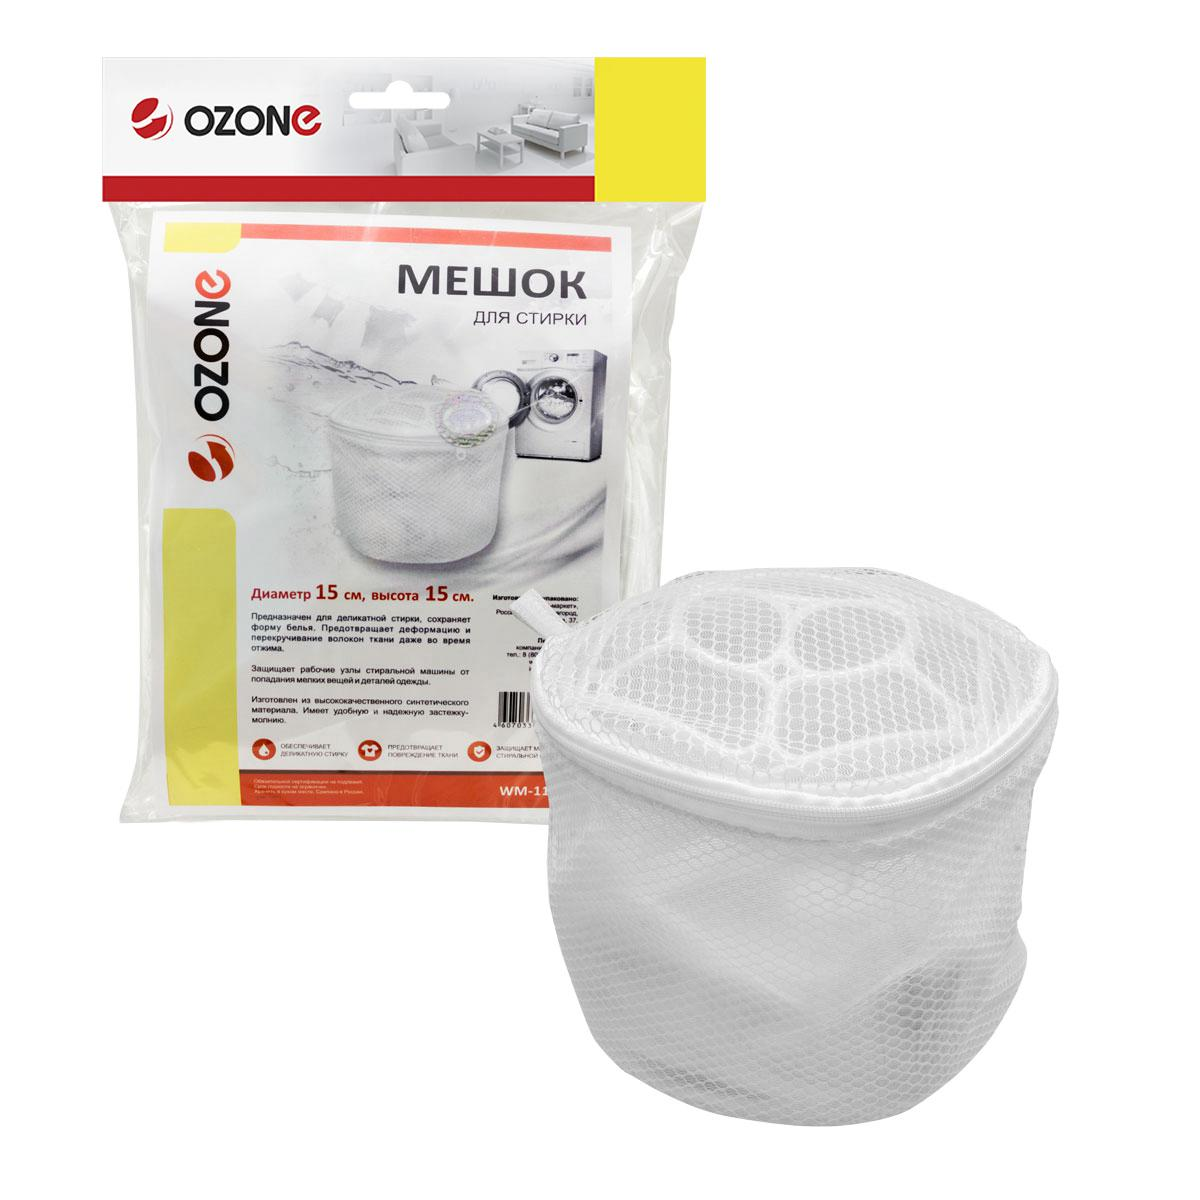 Мешок Ozone Wm-1123